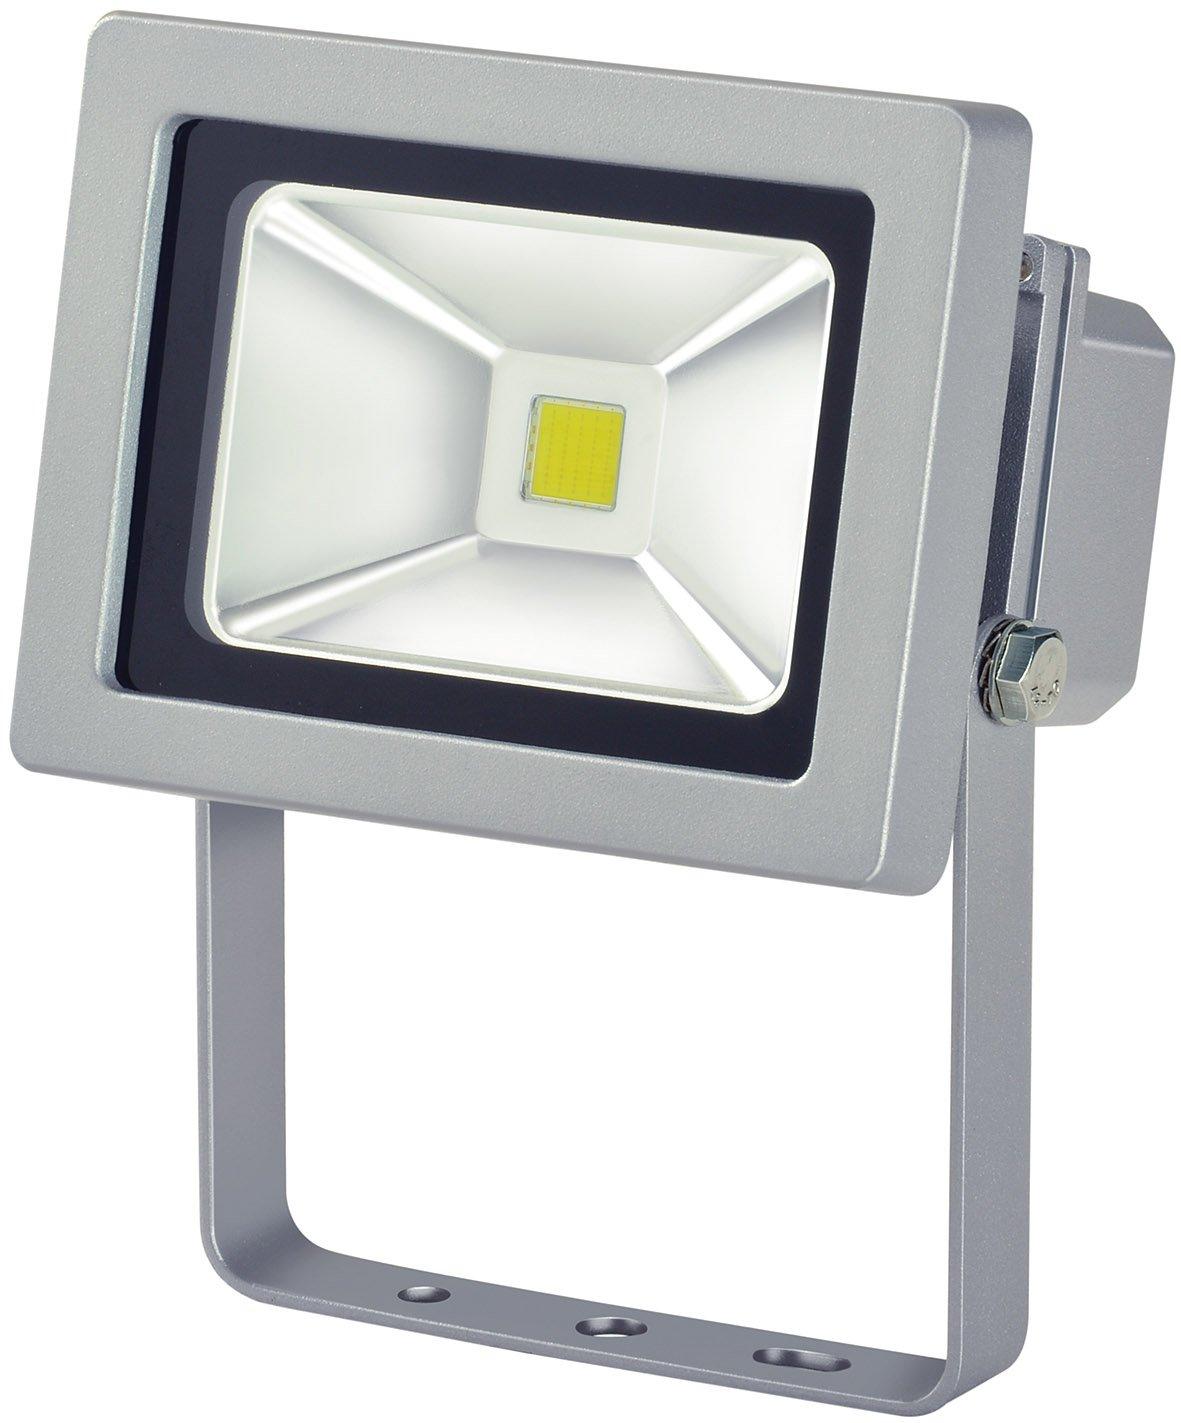 4er Set: Brennenstuhl Chip LED-Leuchte 10W IP65 zur Wandmontage Outdoor, 1171250101